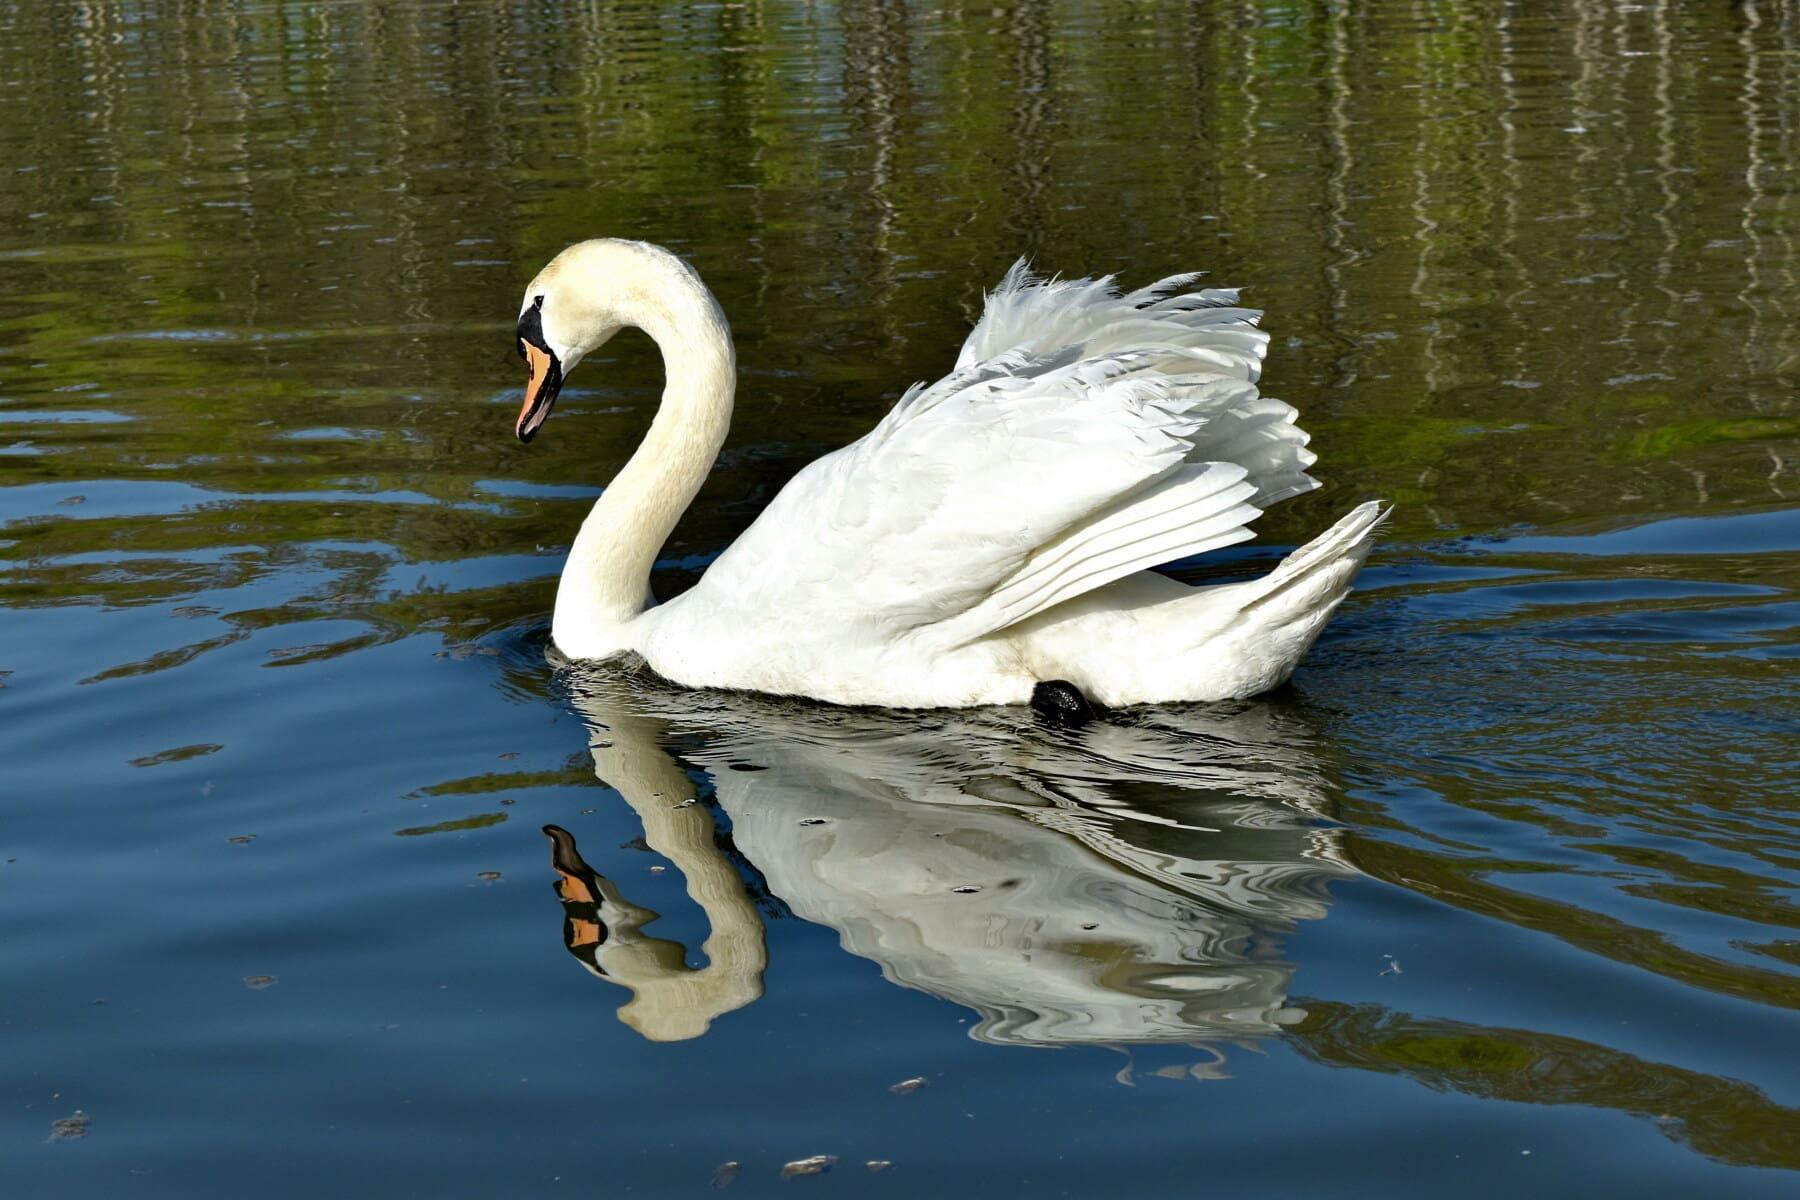 Schwan, majestätisch, Reflexion, Tierwelt, Vogel, waten Vogel, Reiher, Wasser, Natur, Schwimmbad